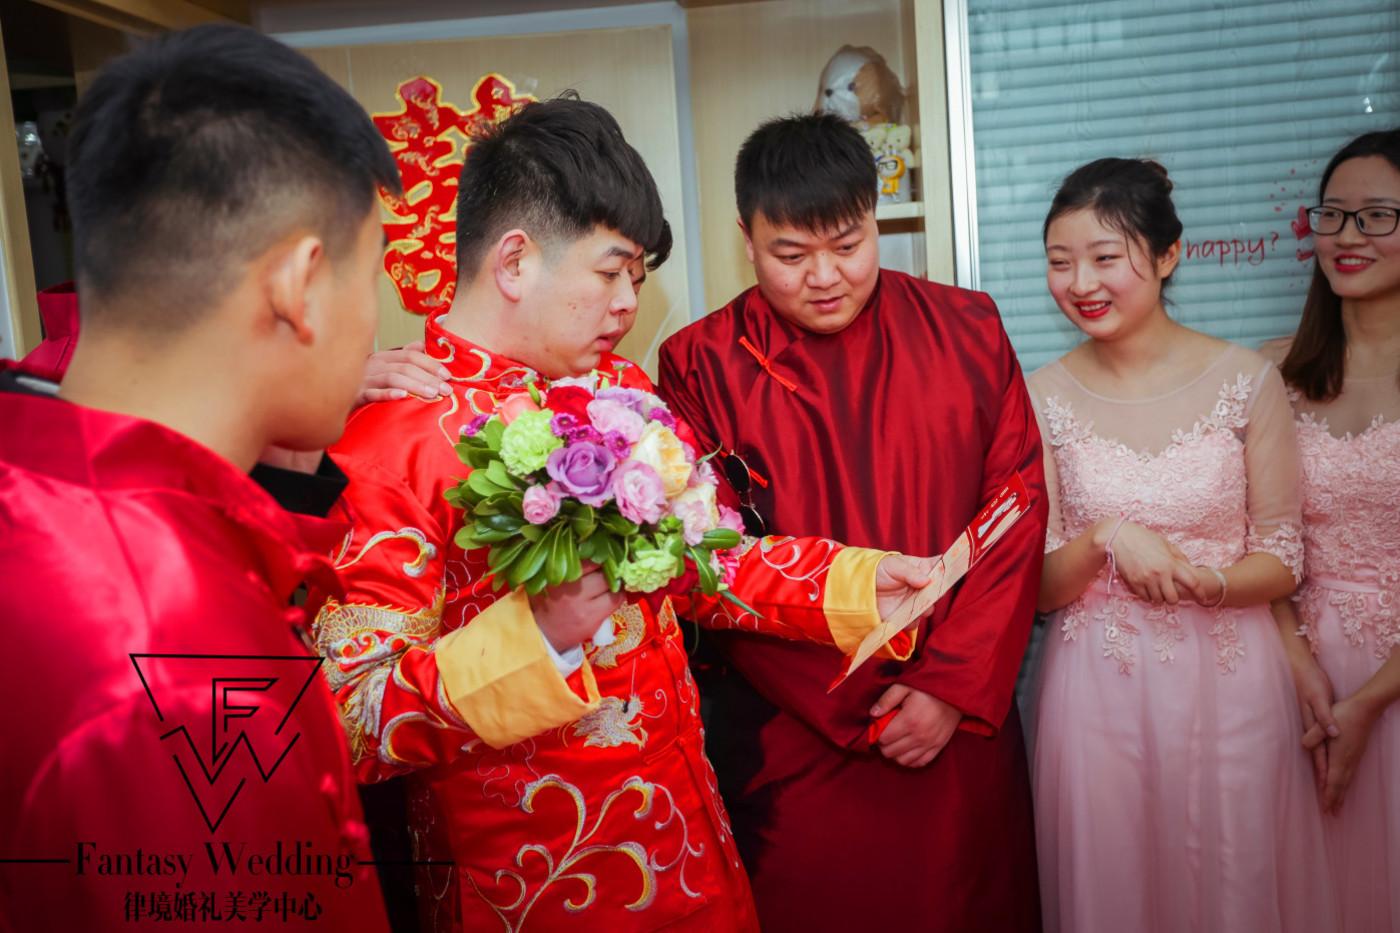 「律境婚礼」&G R 白金汉爵6